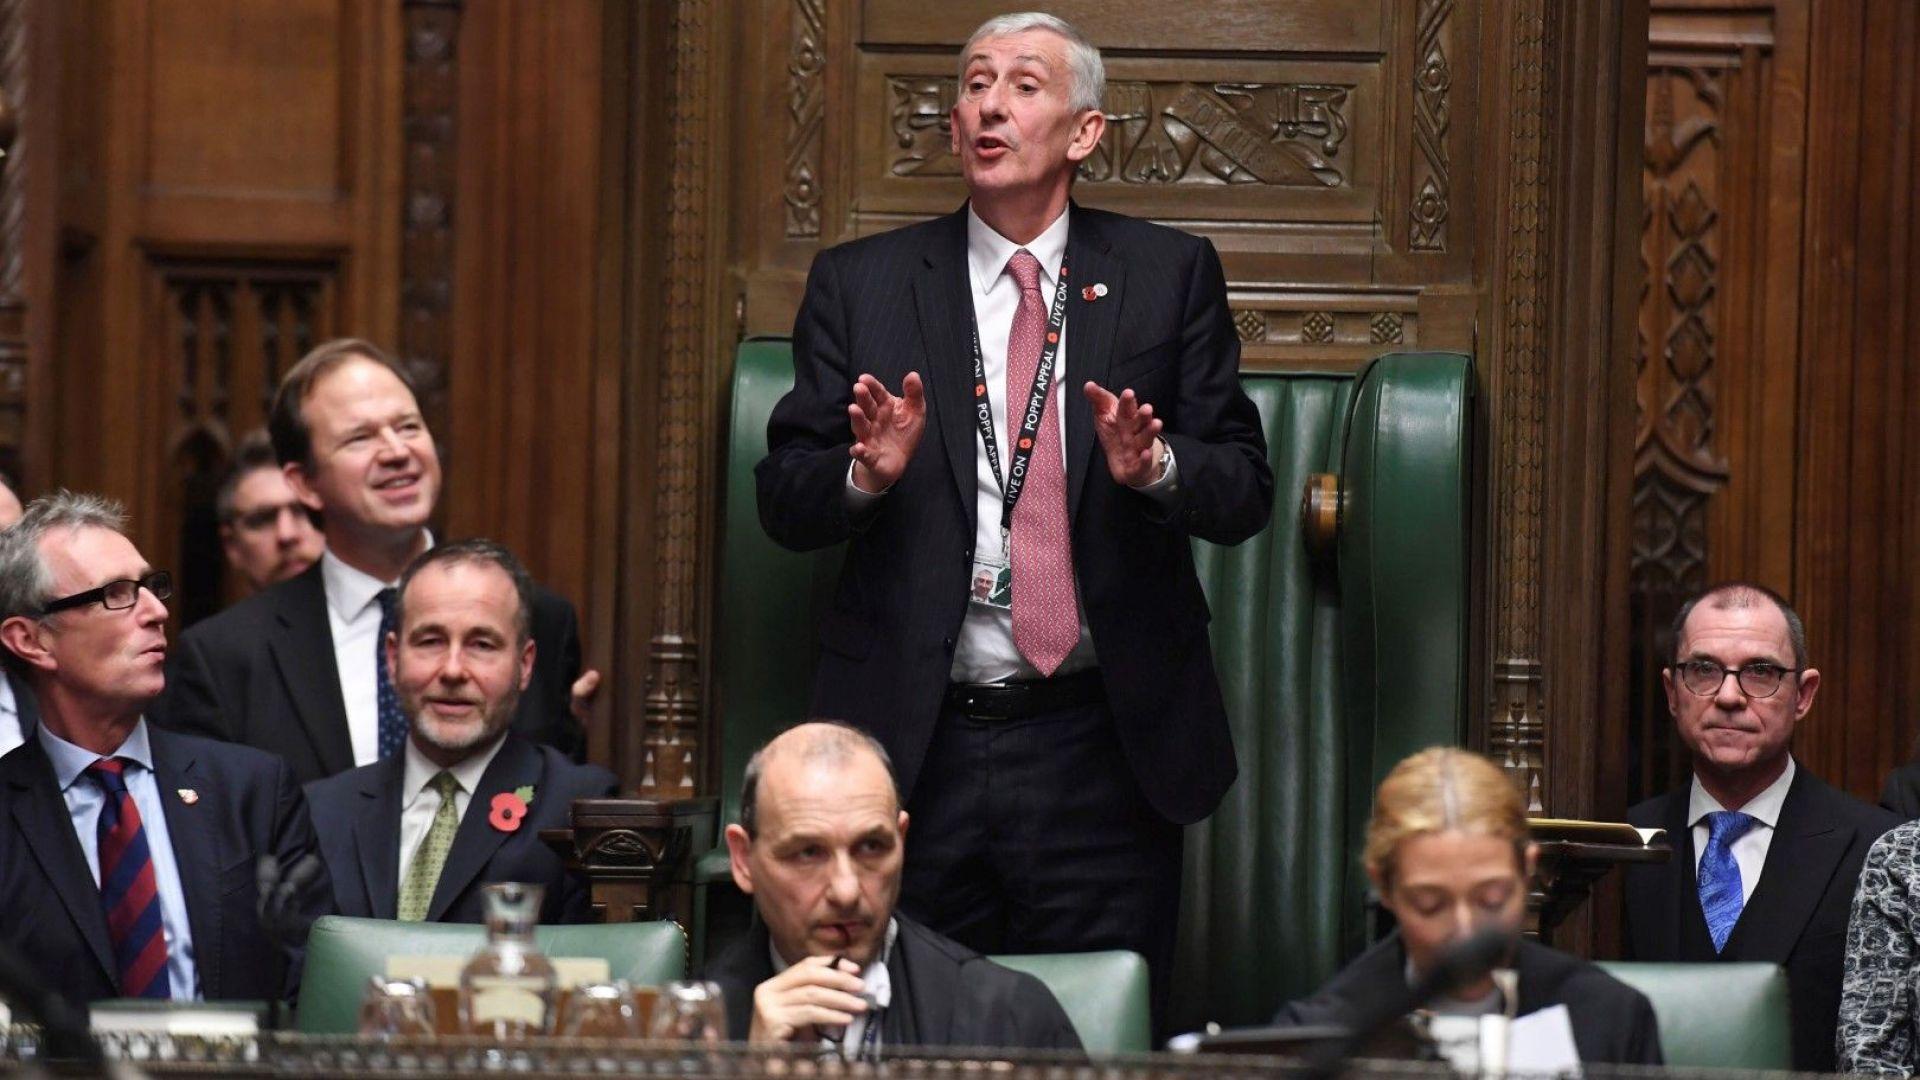 Лейбъристът Линдзи Хойл бе избран за председател на Камарата на общините